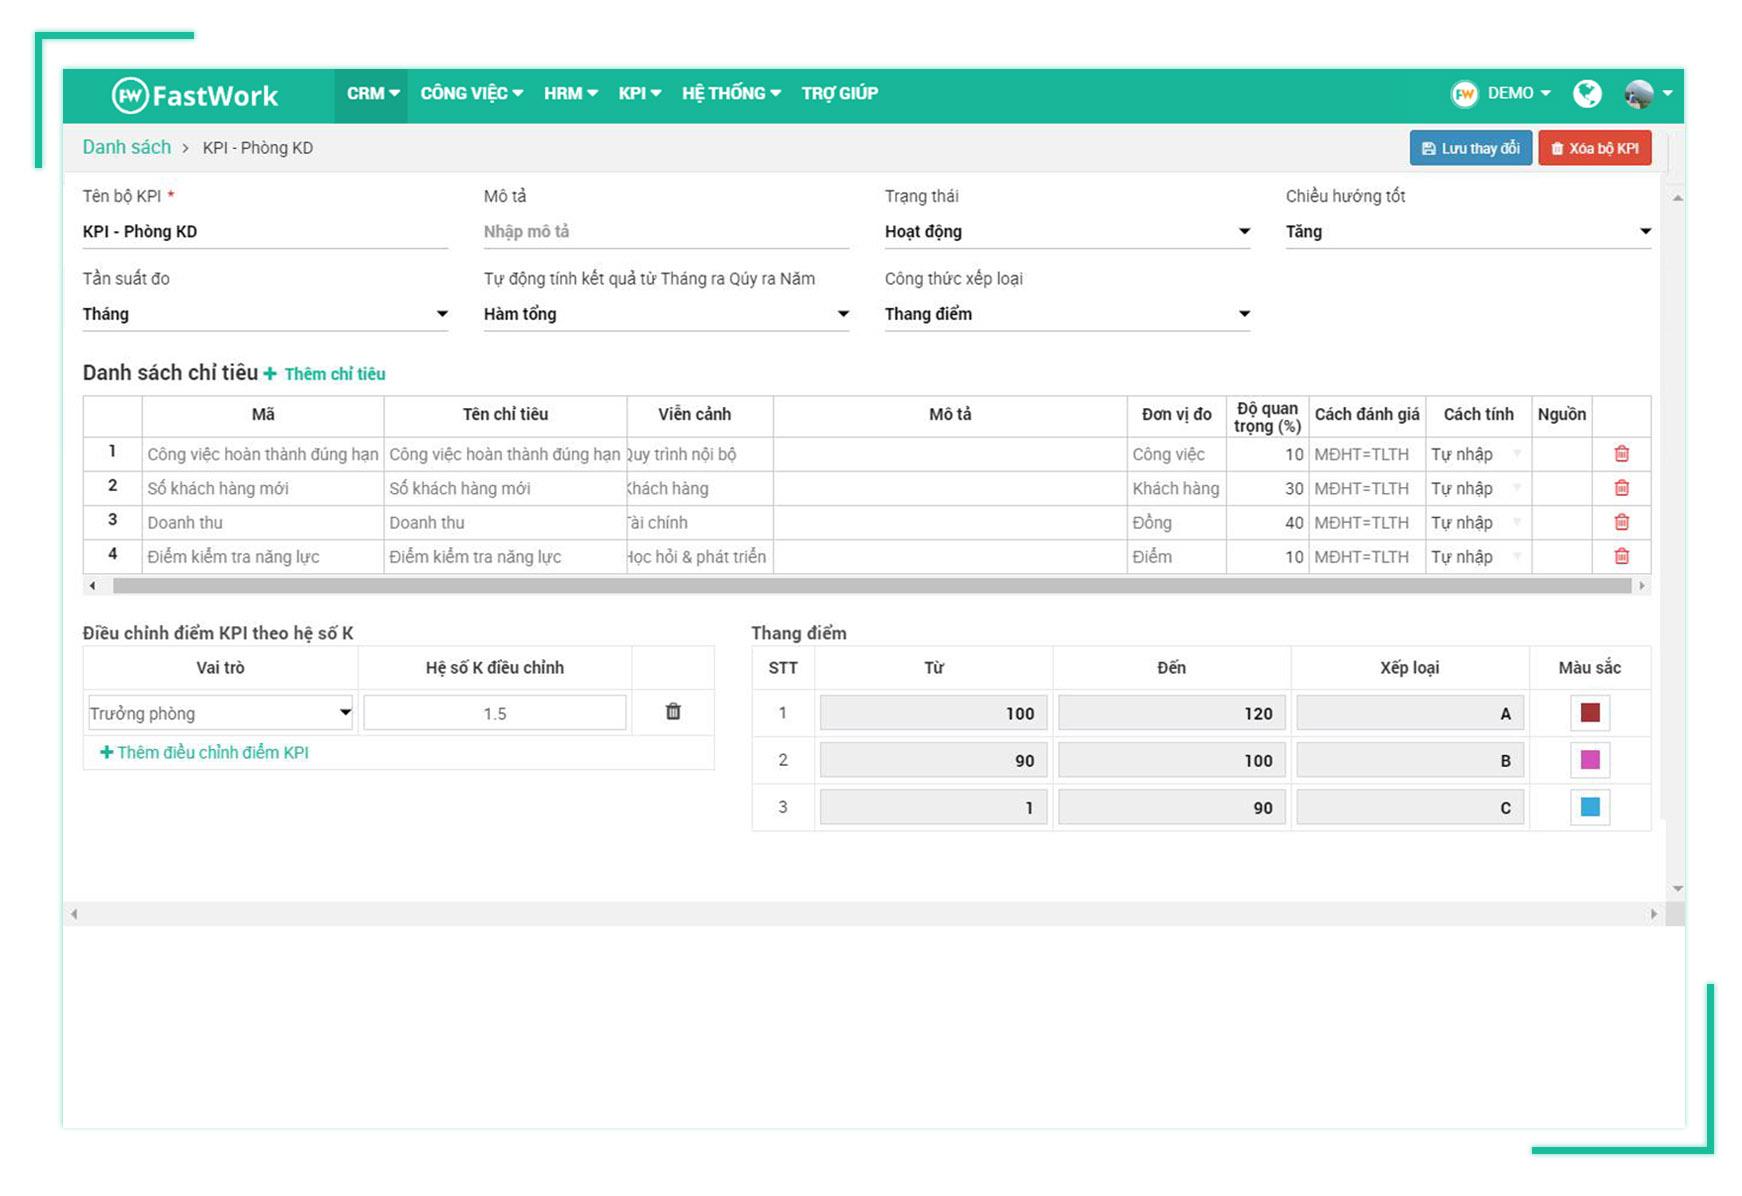 Phần mềm quản lý đánh giá KPI